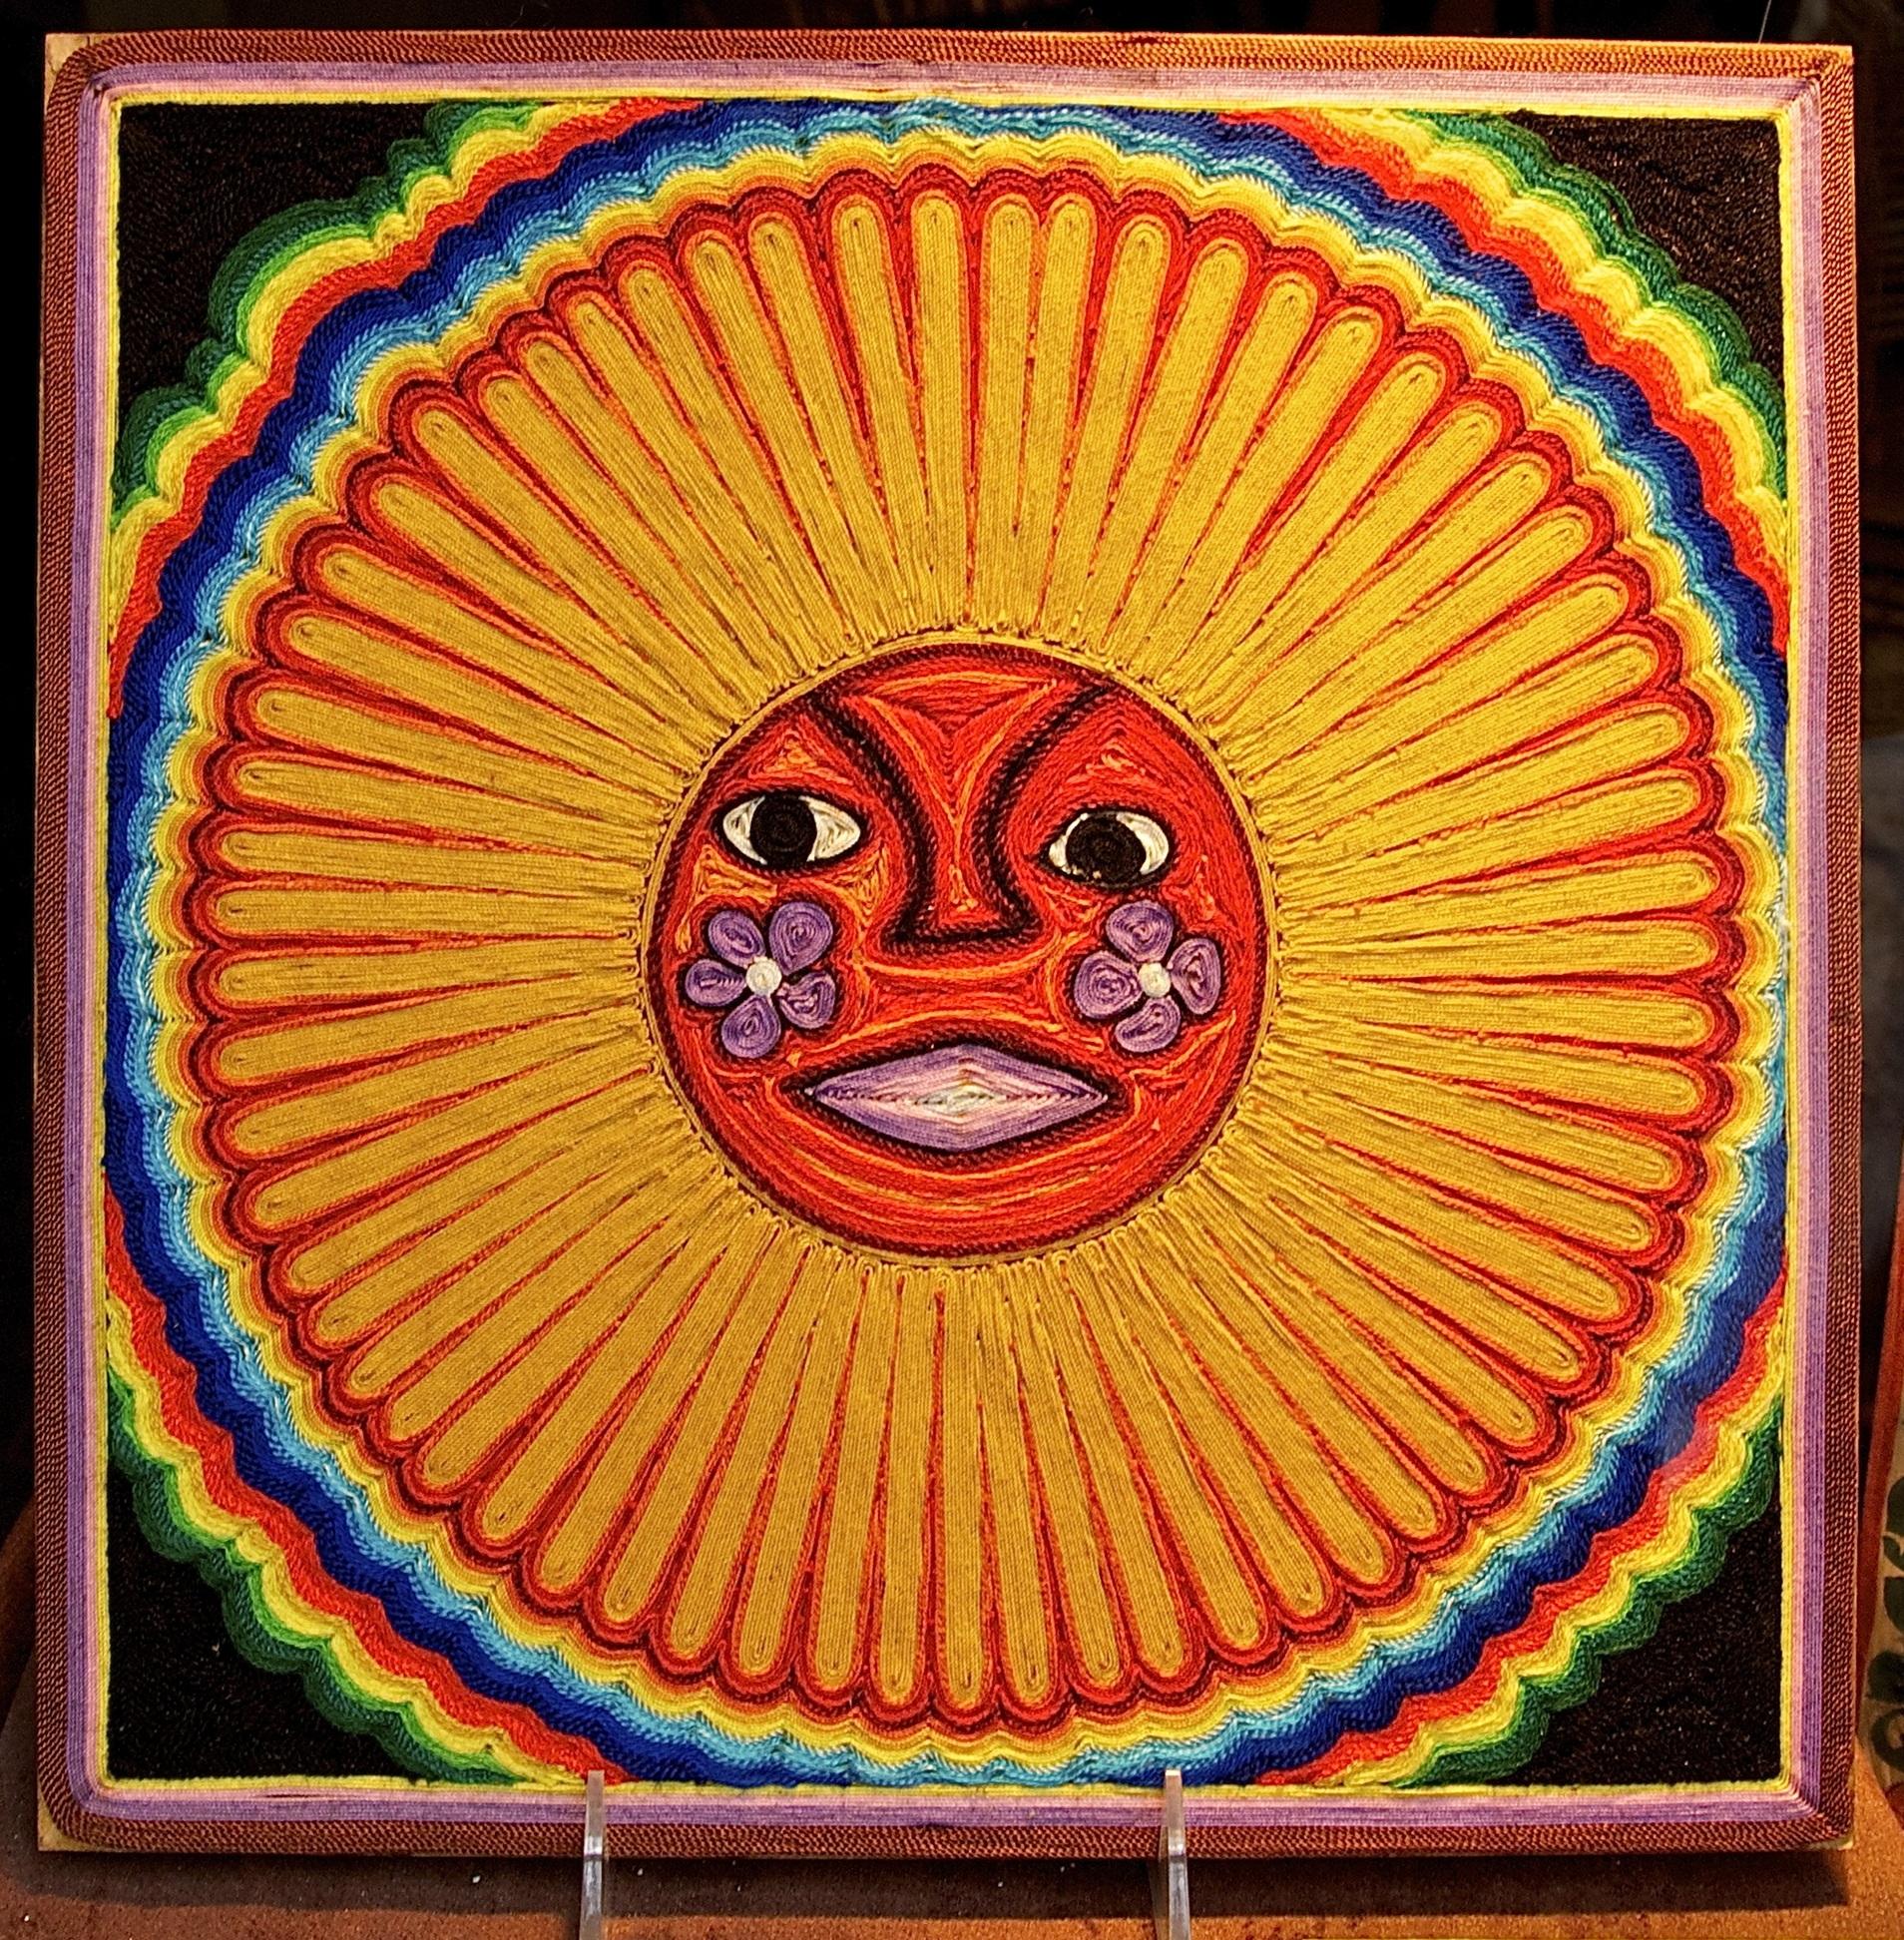 Gambar Sinar Matahari Jendela Kaca Merah Hitam Warna